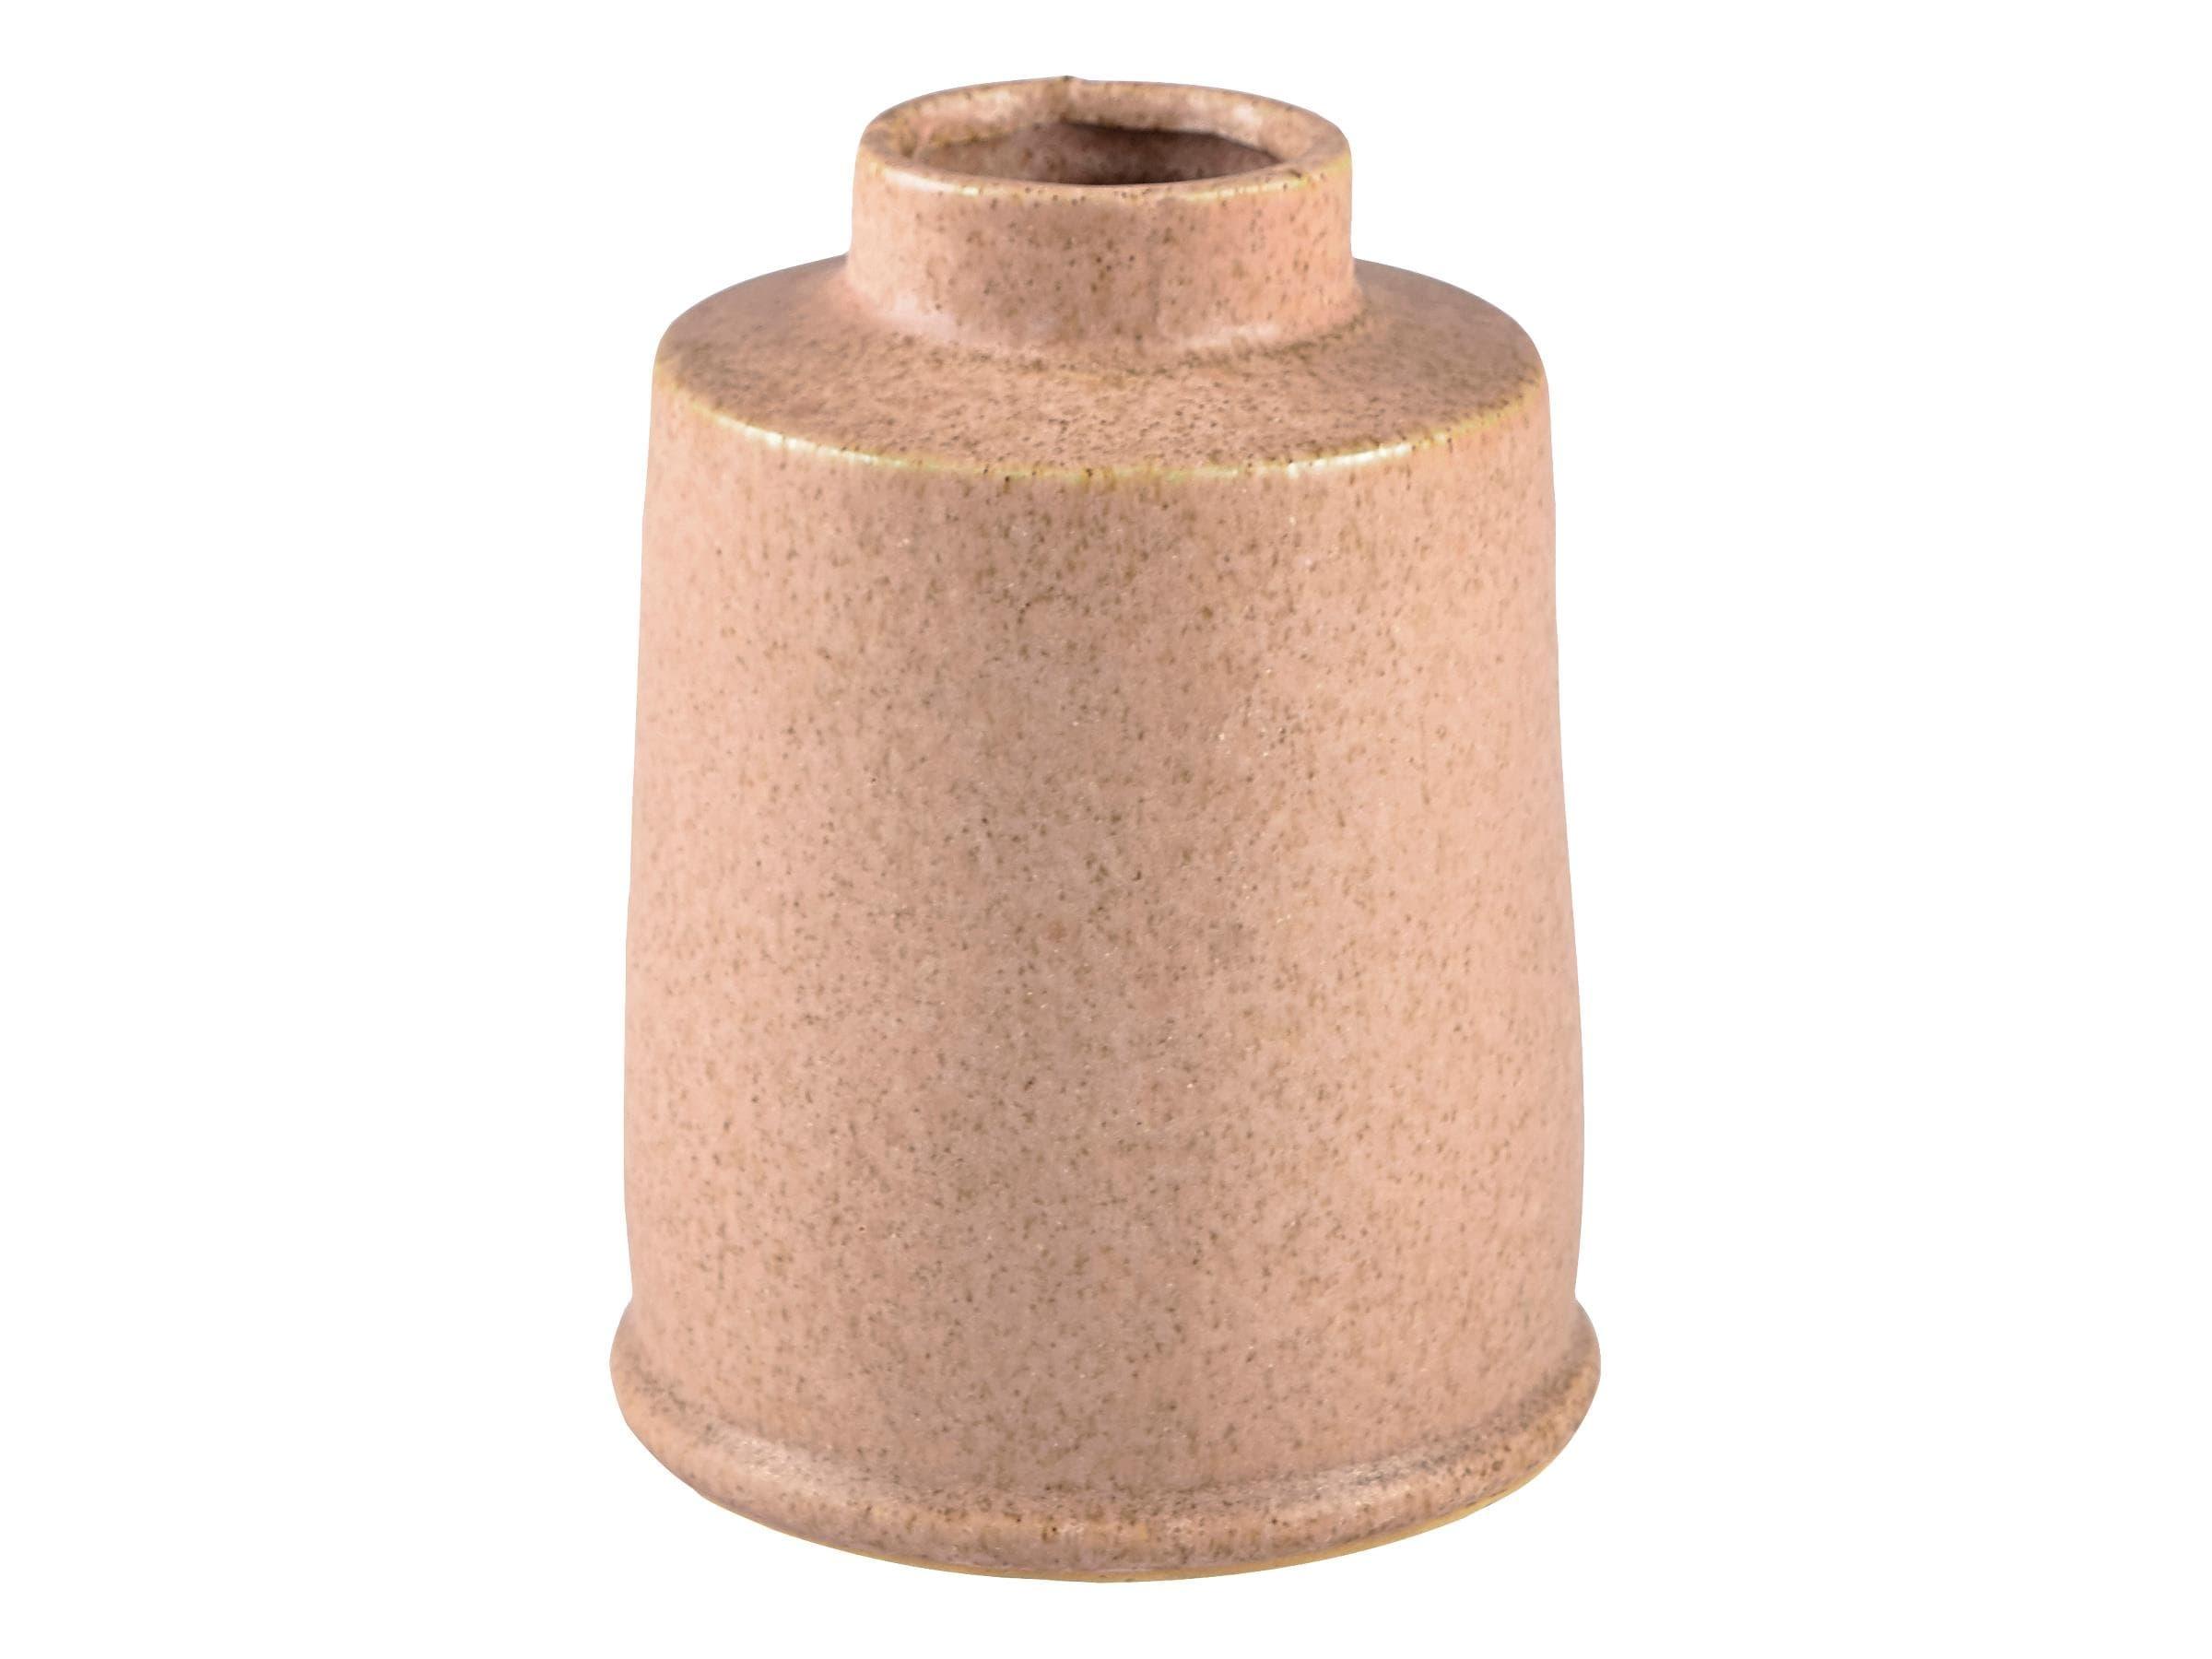 Vaza decorativa din ceramica Stone Round 12432 Natural, Ø11,5xH15 cm, Villa Collection